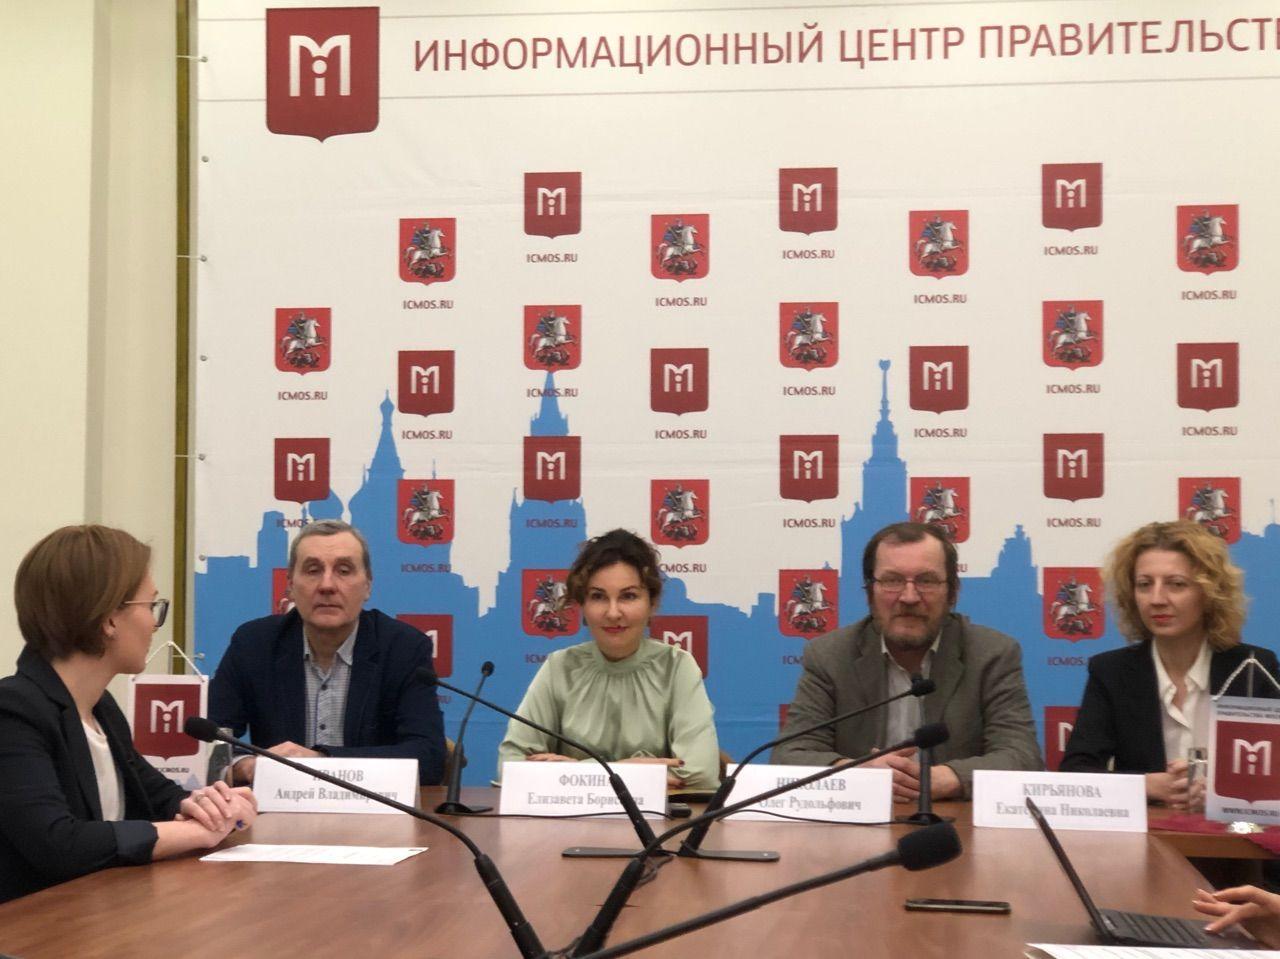 Обсуждение открытия музея в Царицыне состоялось в столице. Фото: Анастасия Маслова